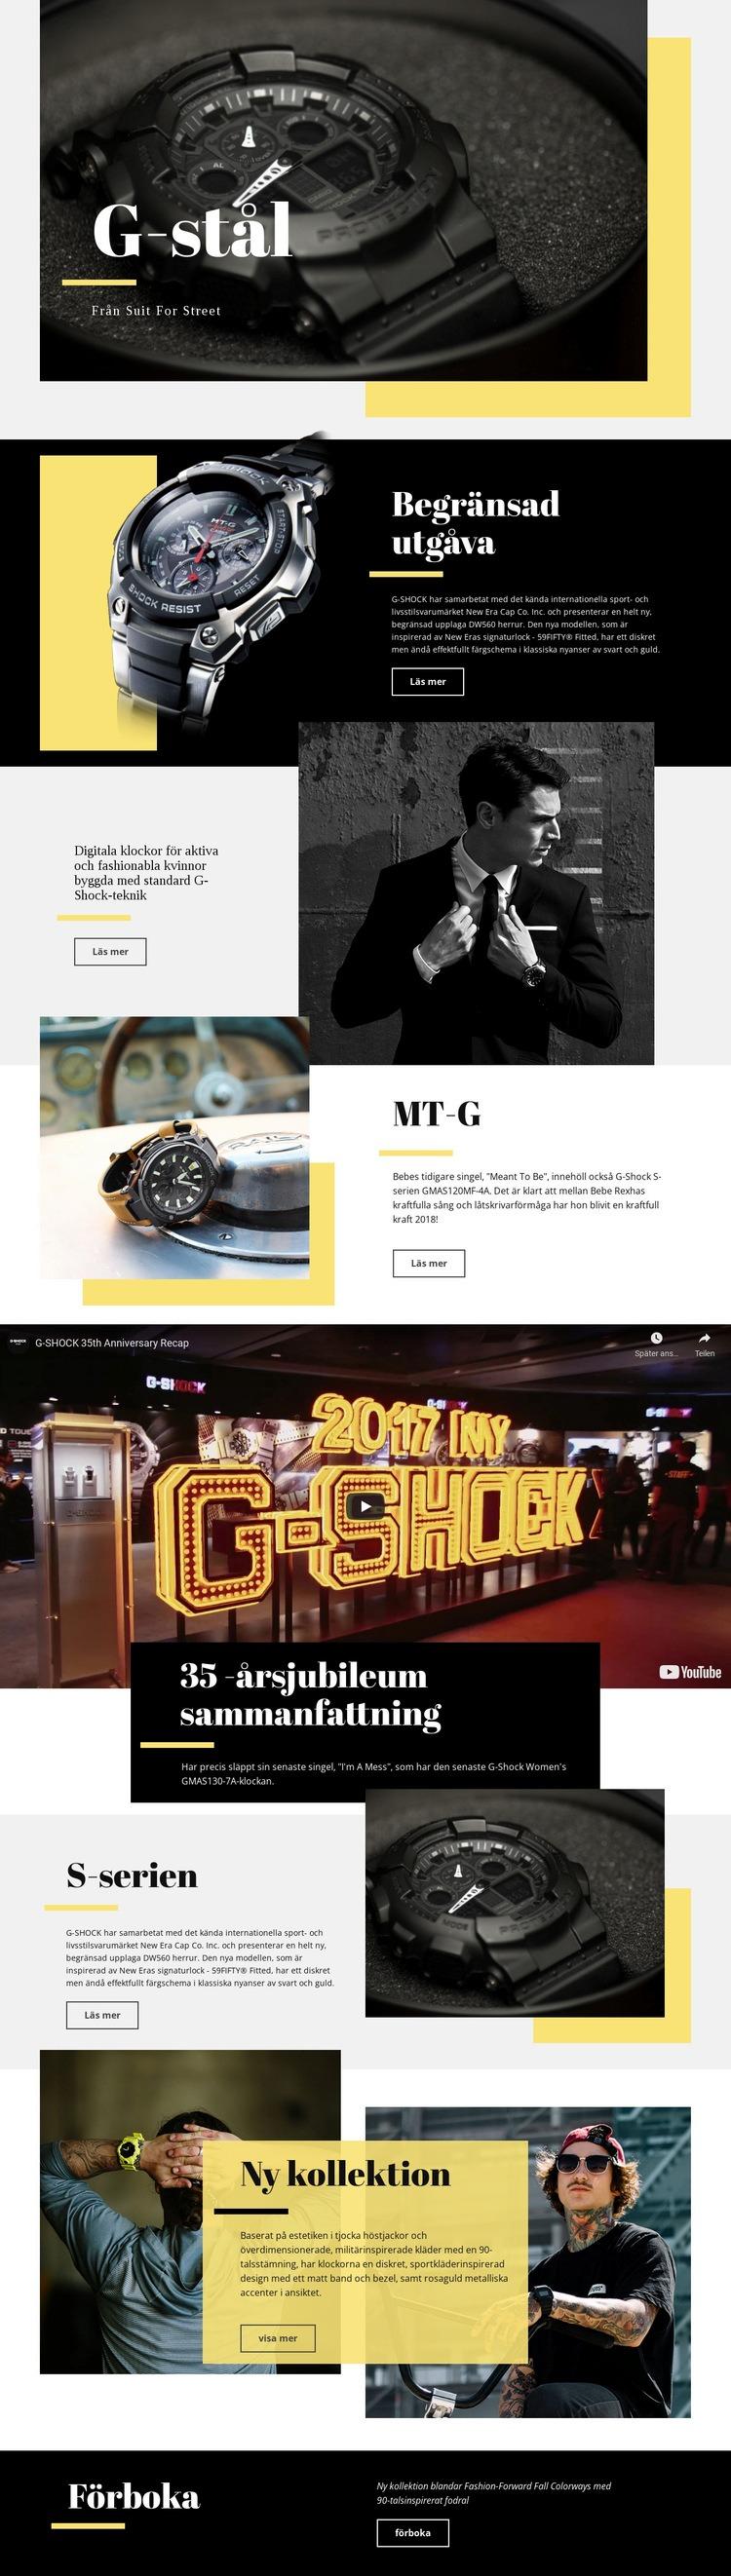 G-stål Webbplats mall